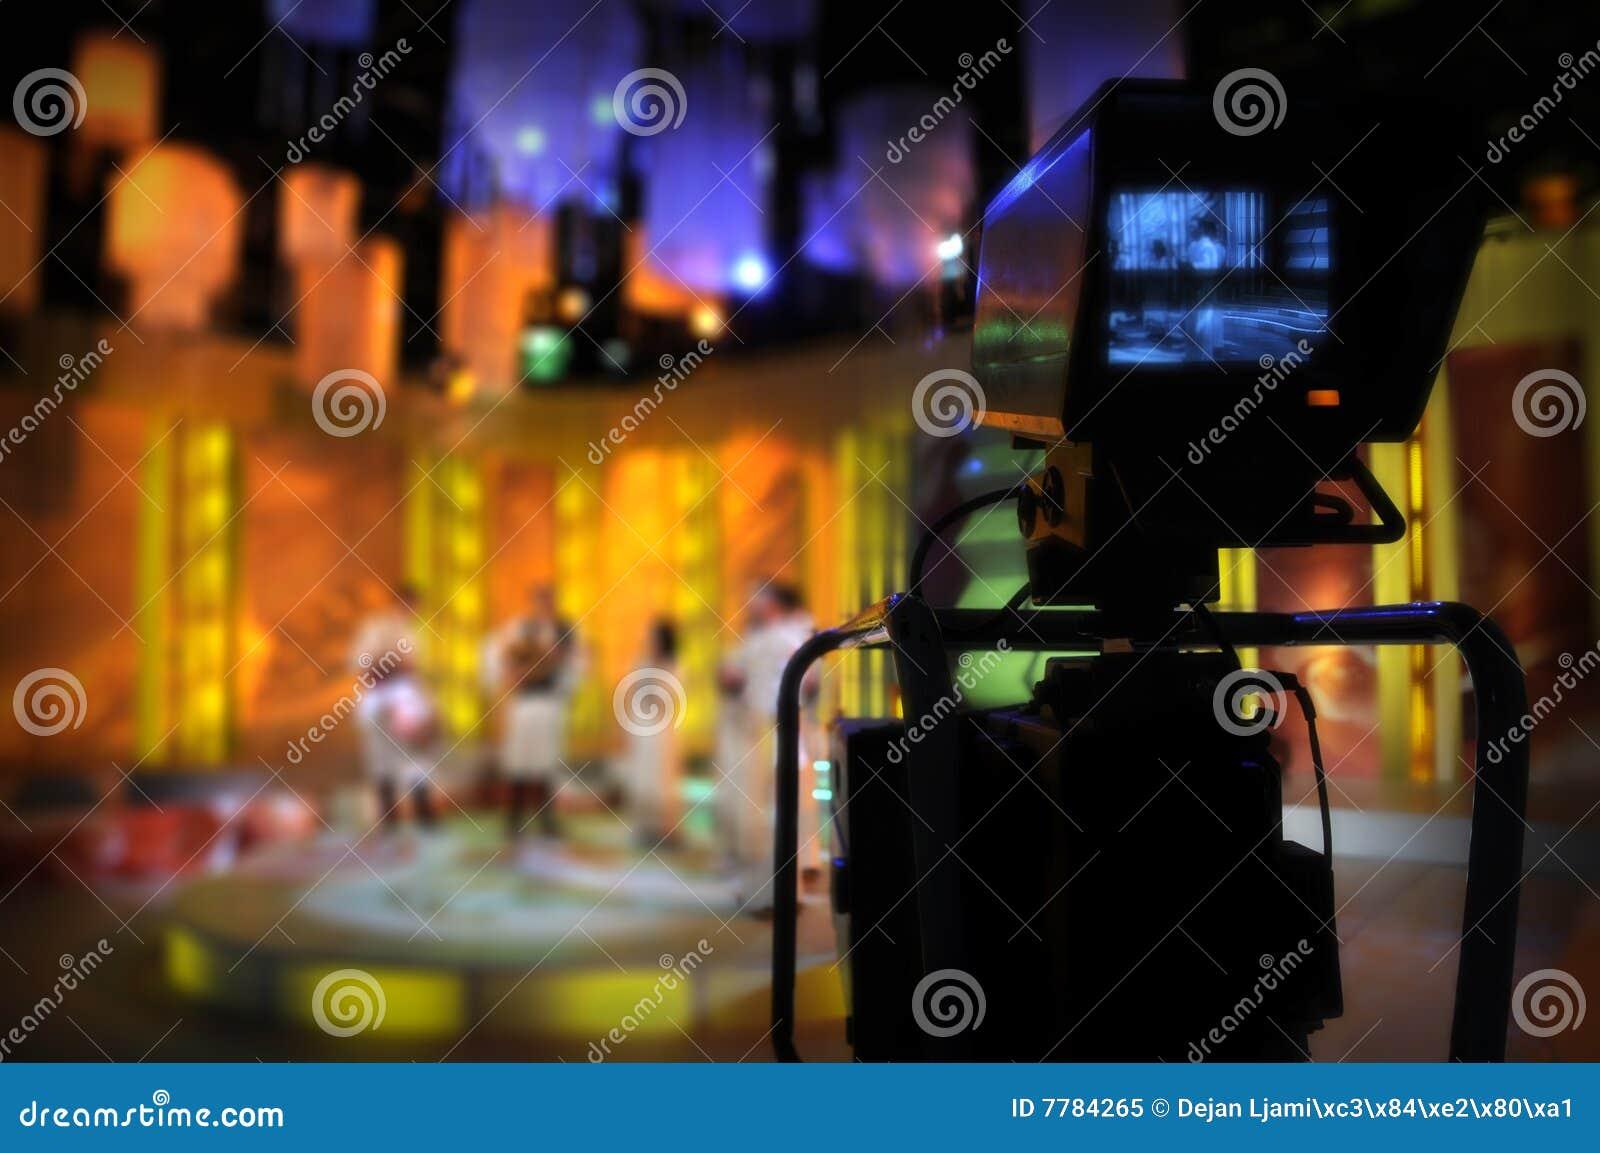 Viseur de caméra vidéo - exposition de TV